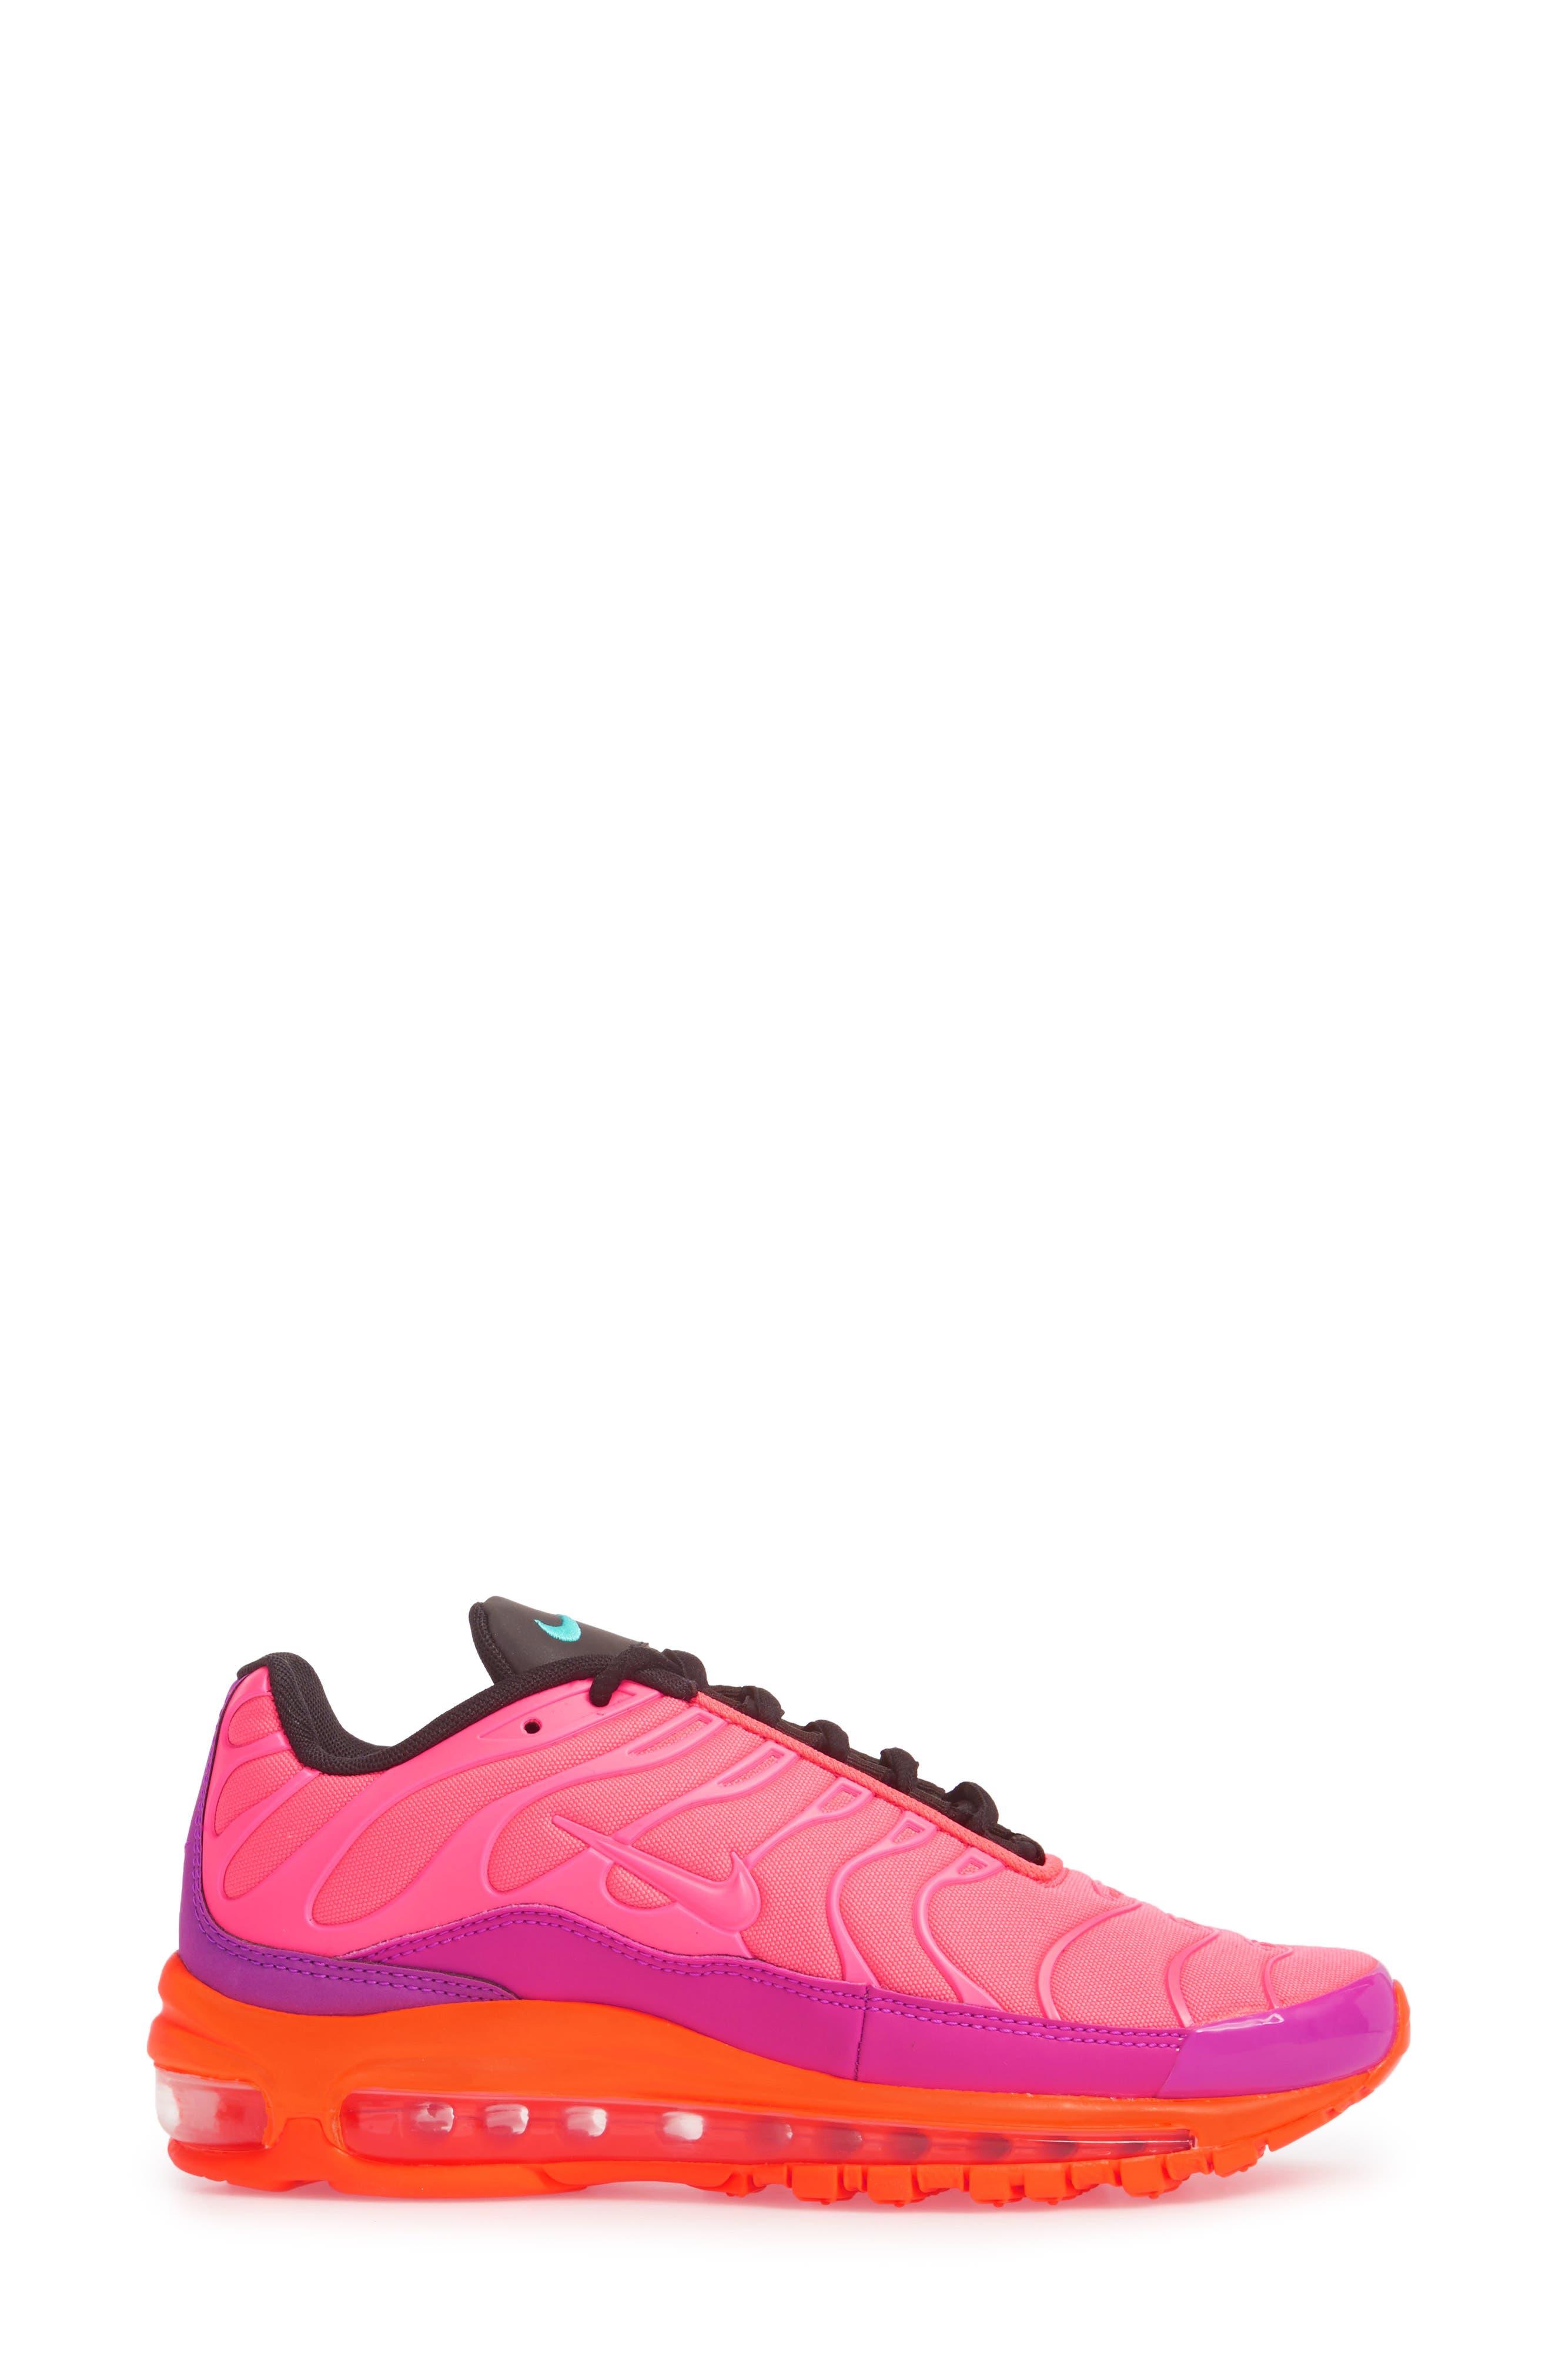 Air Max 97 Plus Sneaker,                             Alternate thumbnail 3, color,                             Racer Pink/ Magenta/ Crimson